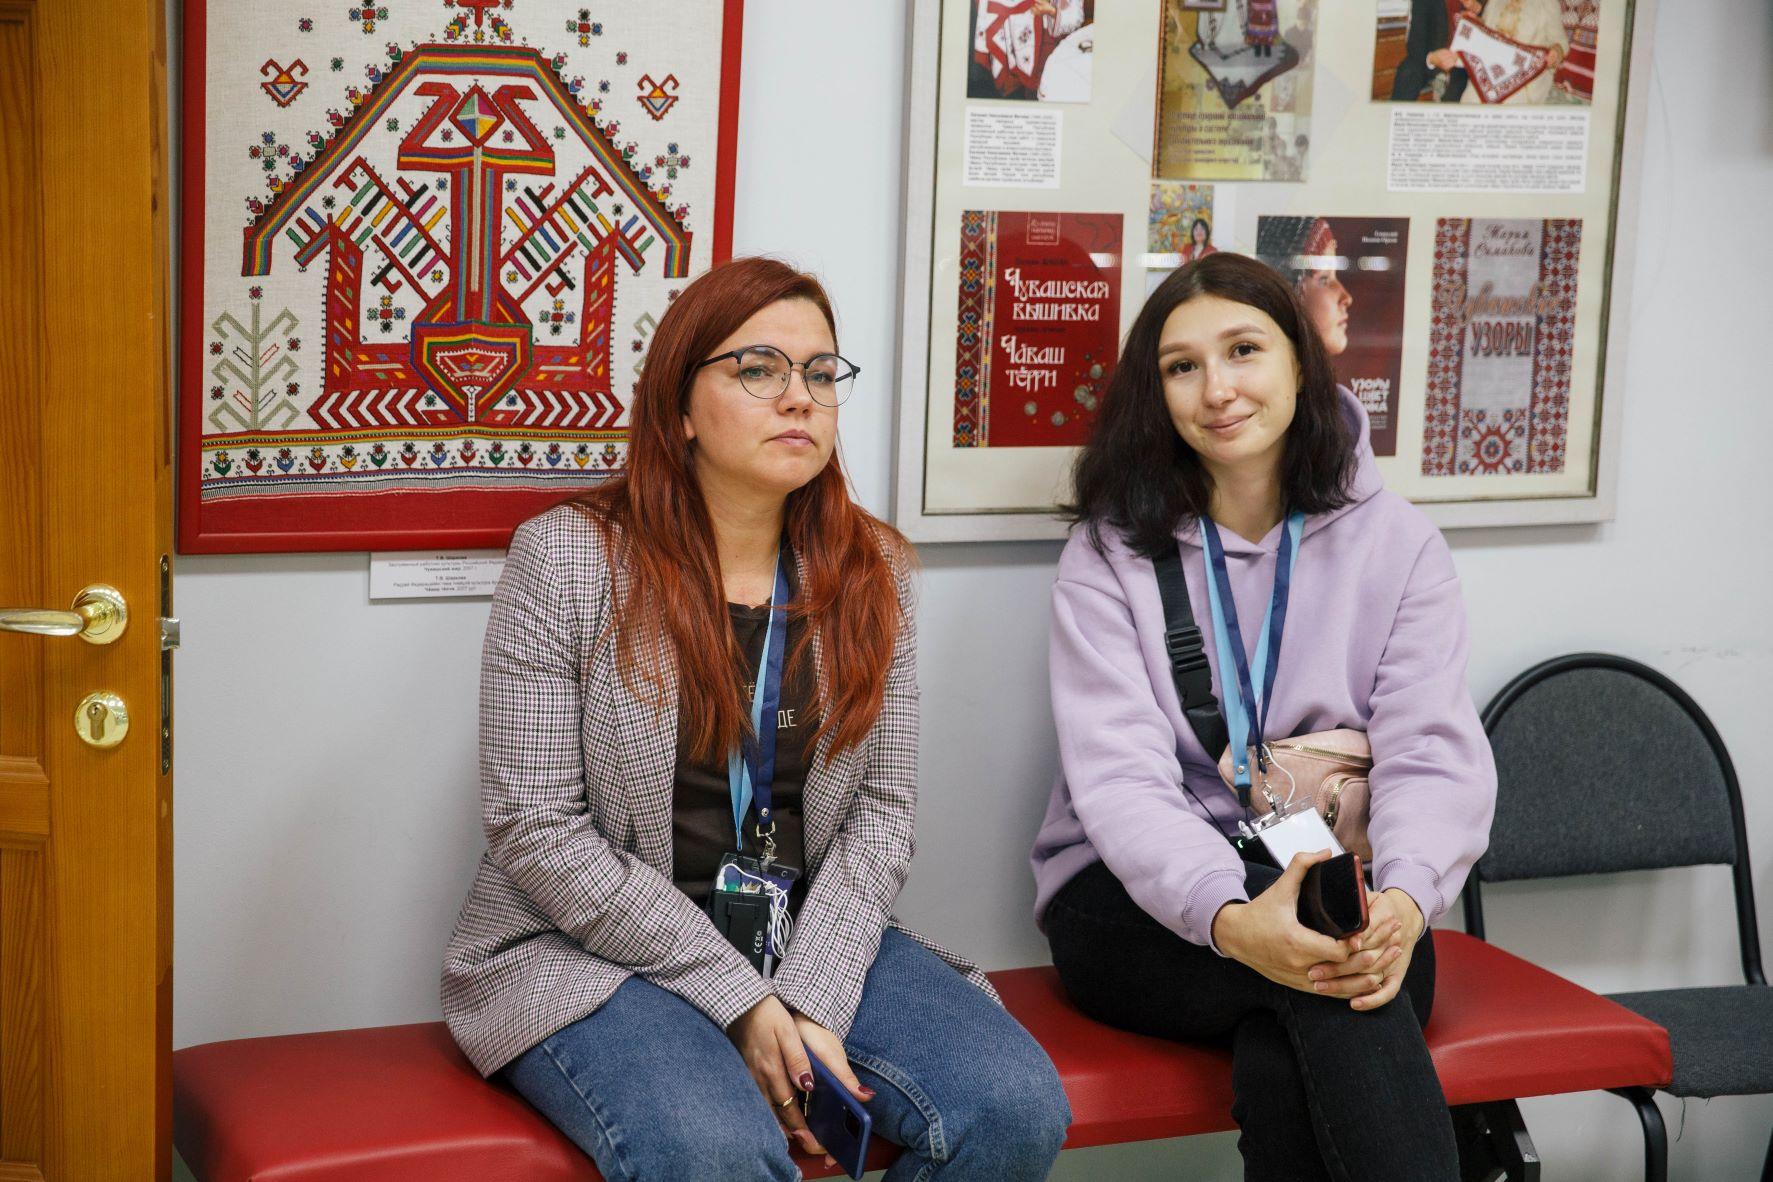 Ирина Молоканова (Йошкар-Ола) и Елена Фомина (Пенза)